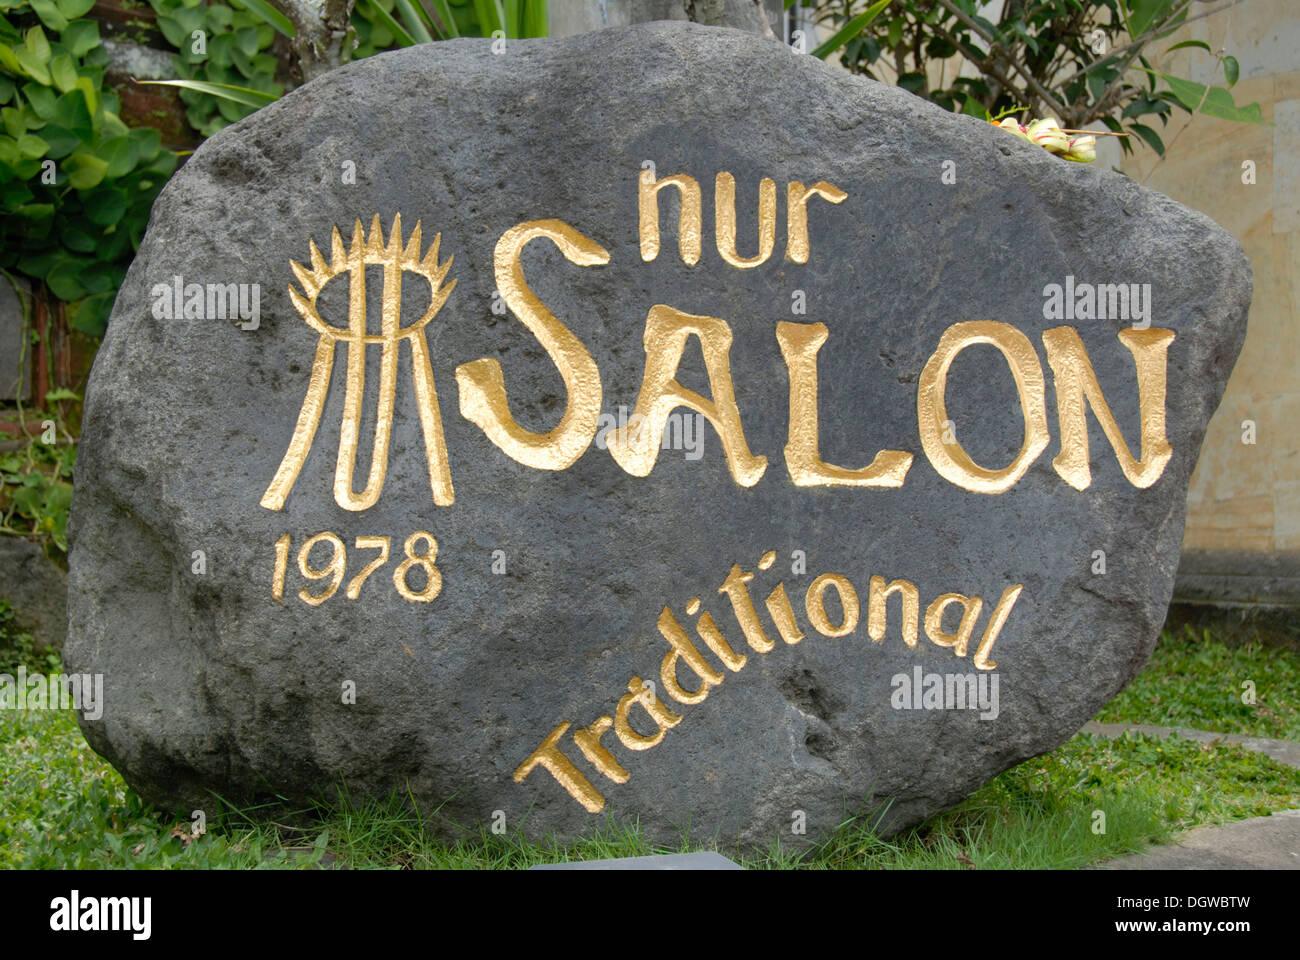 Wellness-Spa, Stein mit Inschrift Nur Salon, Ubud, Bali, Indonesien, Südostasien, Asien Stockbild